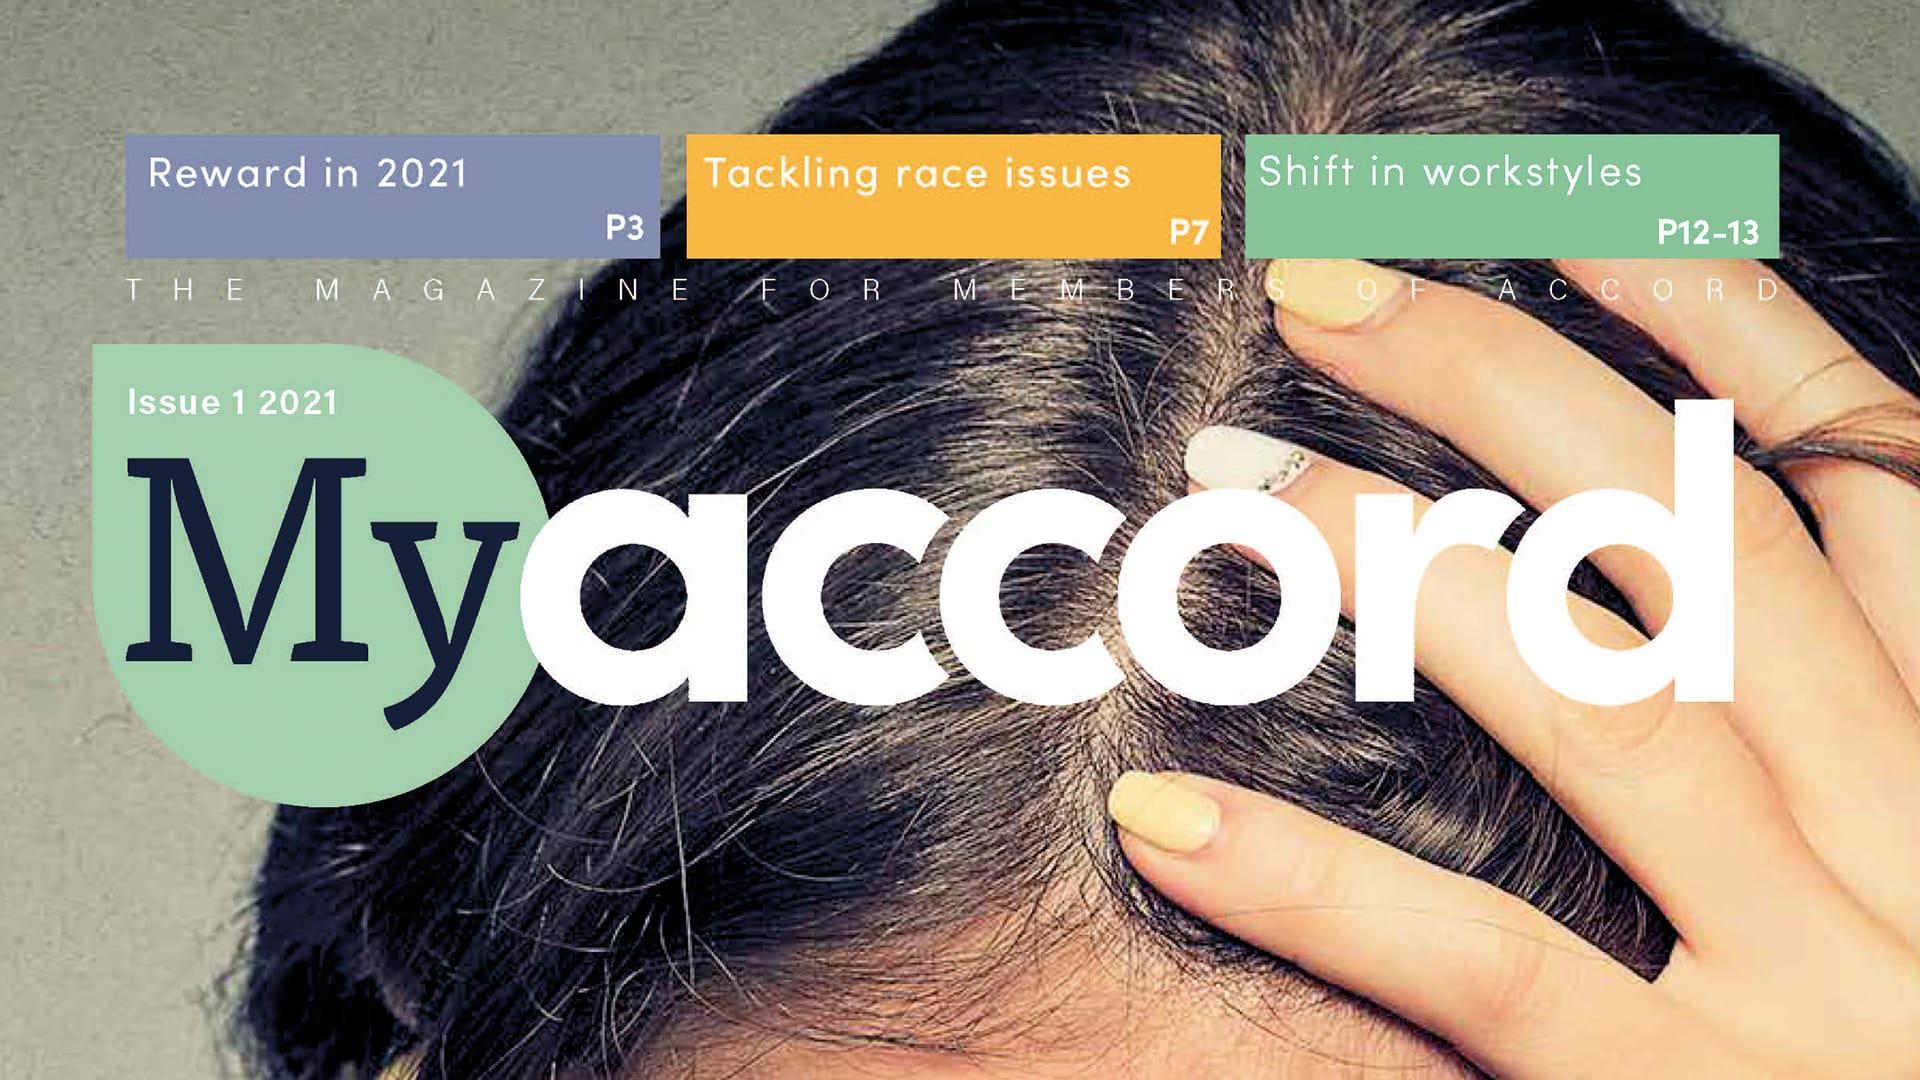 My Accord magazine June 2021